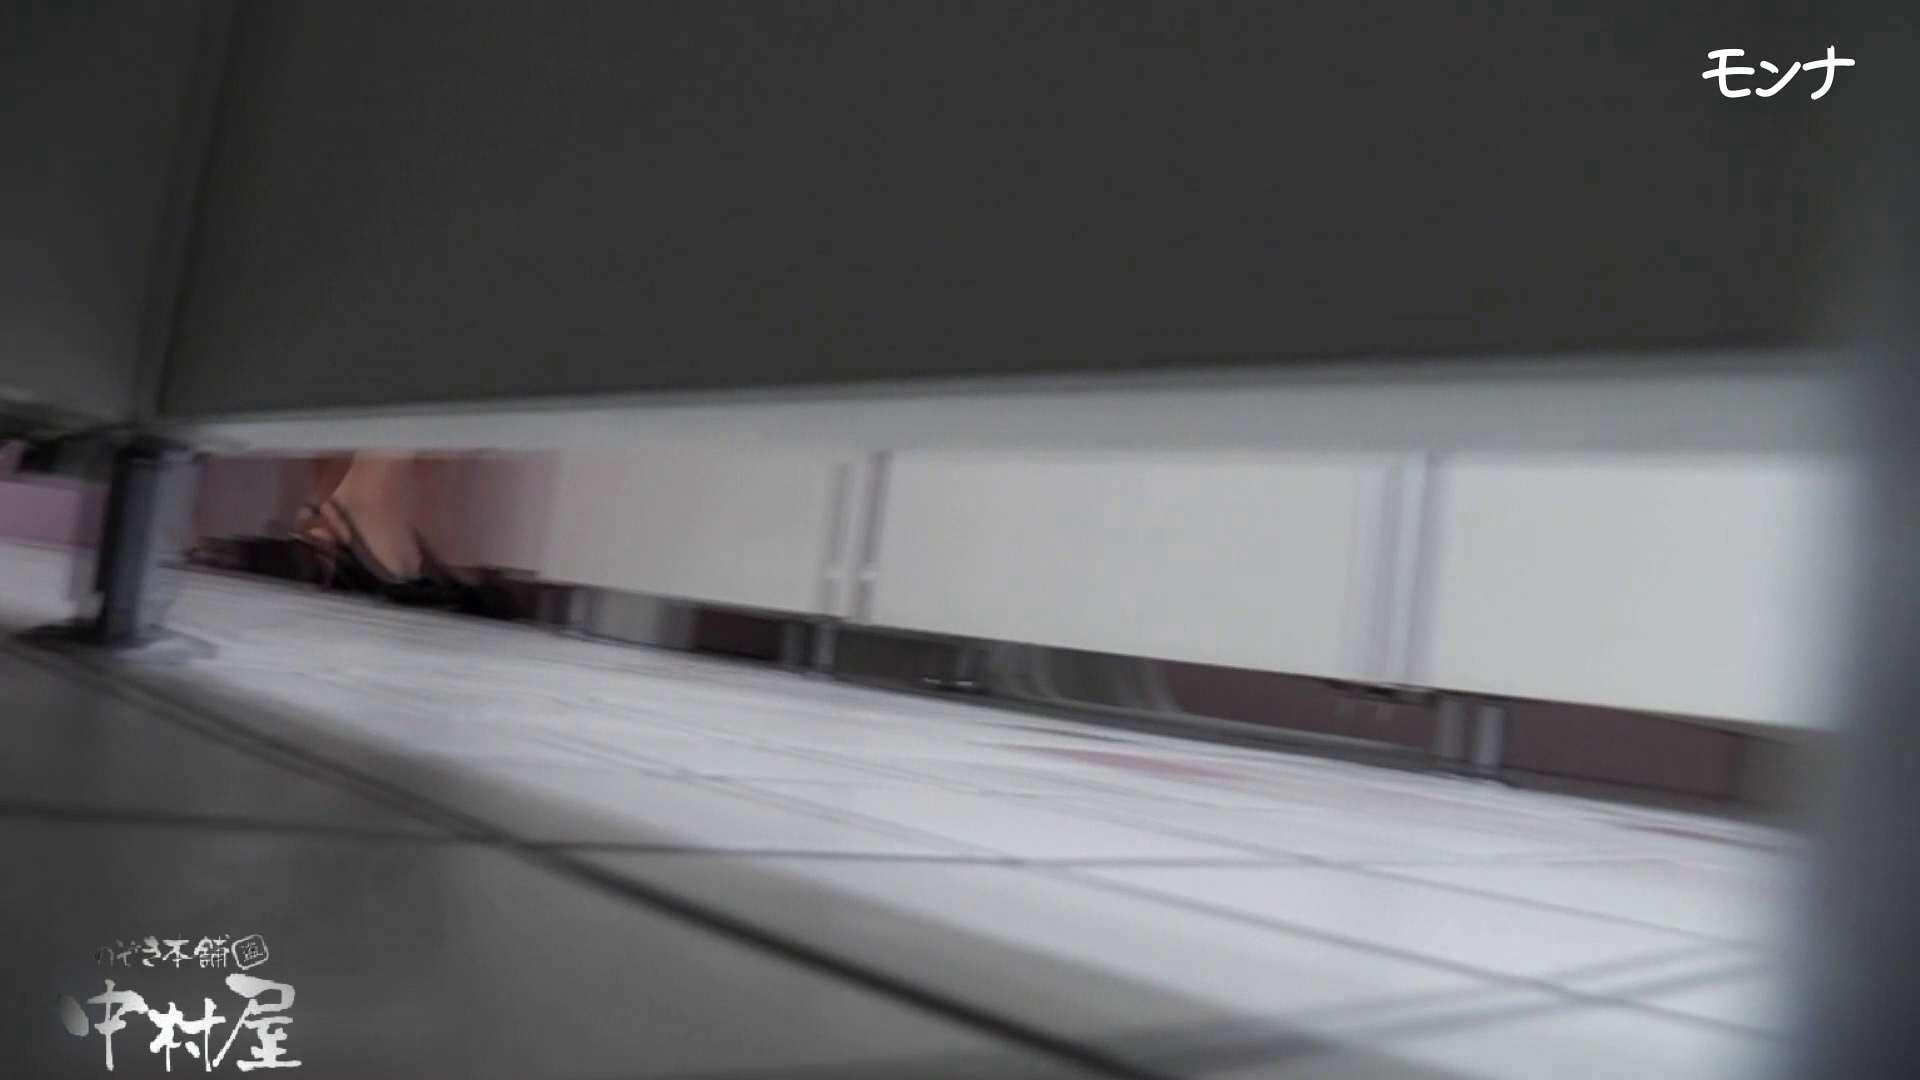 【美しい日本の未来】美しい日本の未来 No.73 自然なセクシーな仕草に感動中 盗撮大放出 濡れ場動画紹介 42連発 34